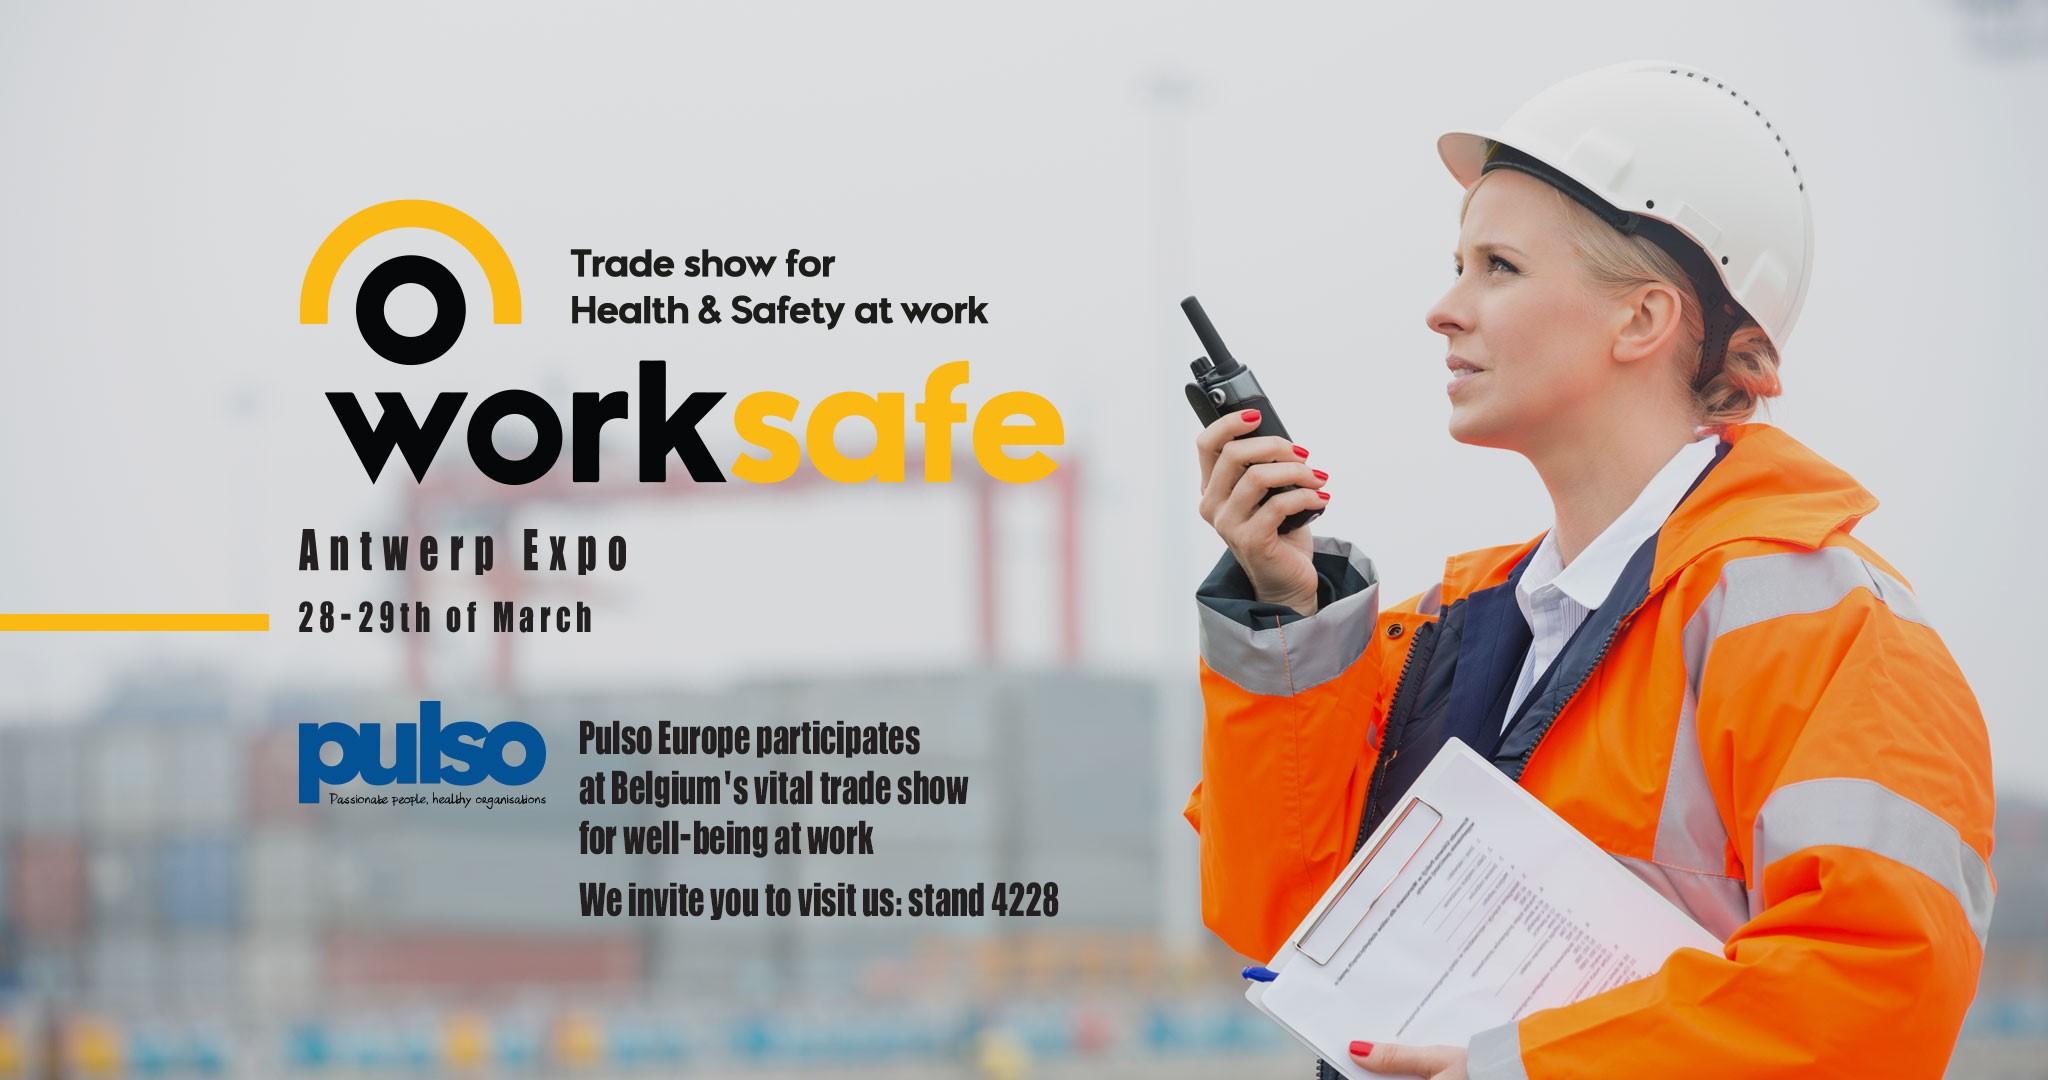 WorkSafe Antwerp Expo